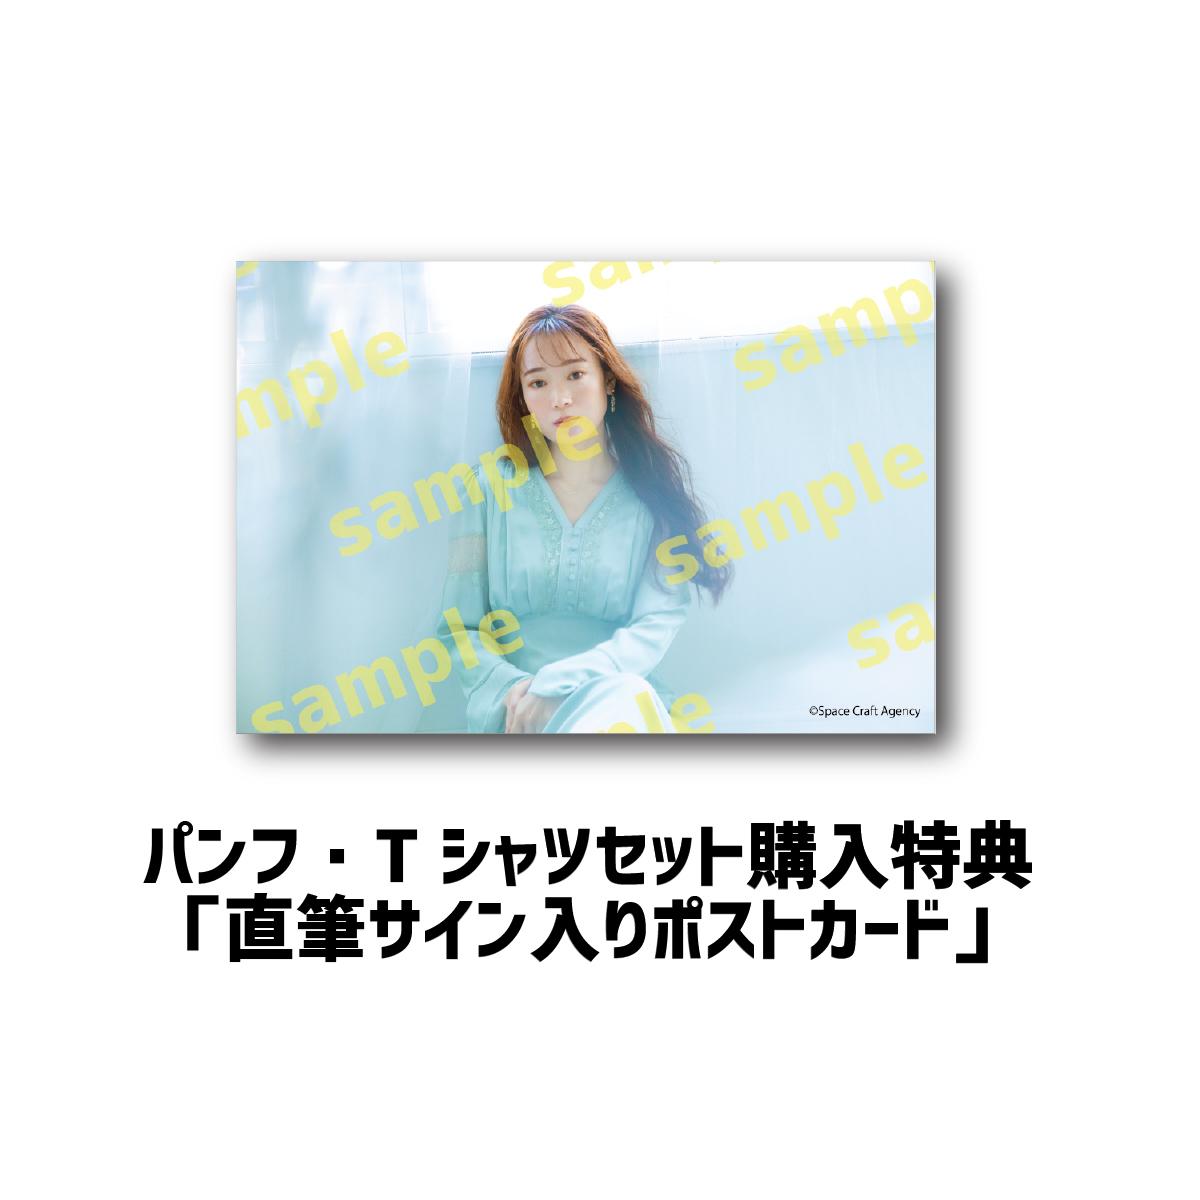 【直筆サイン入りポストカード付】「Wakana Anime Classic 2021」セット(パンフレット・Tシャツホワイト)